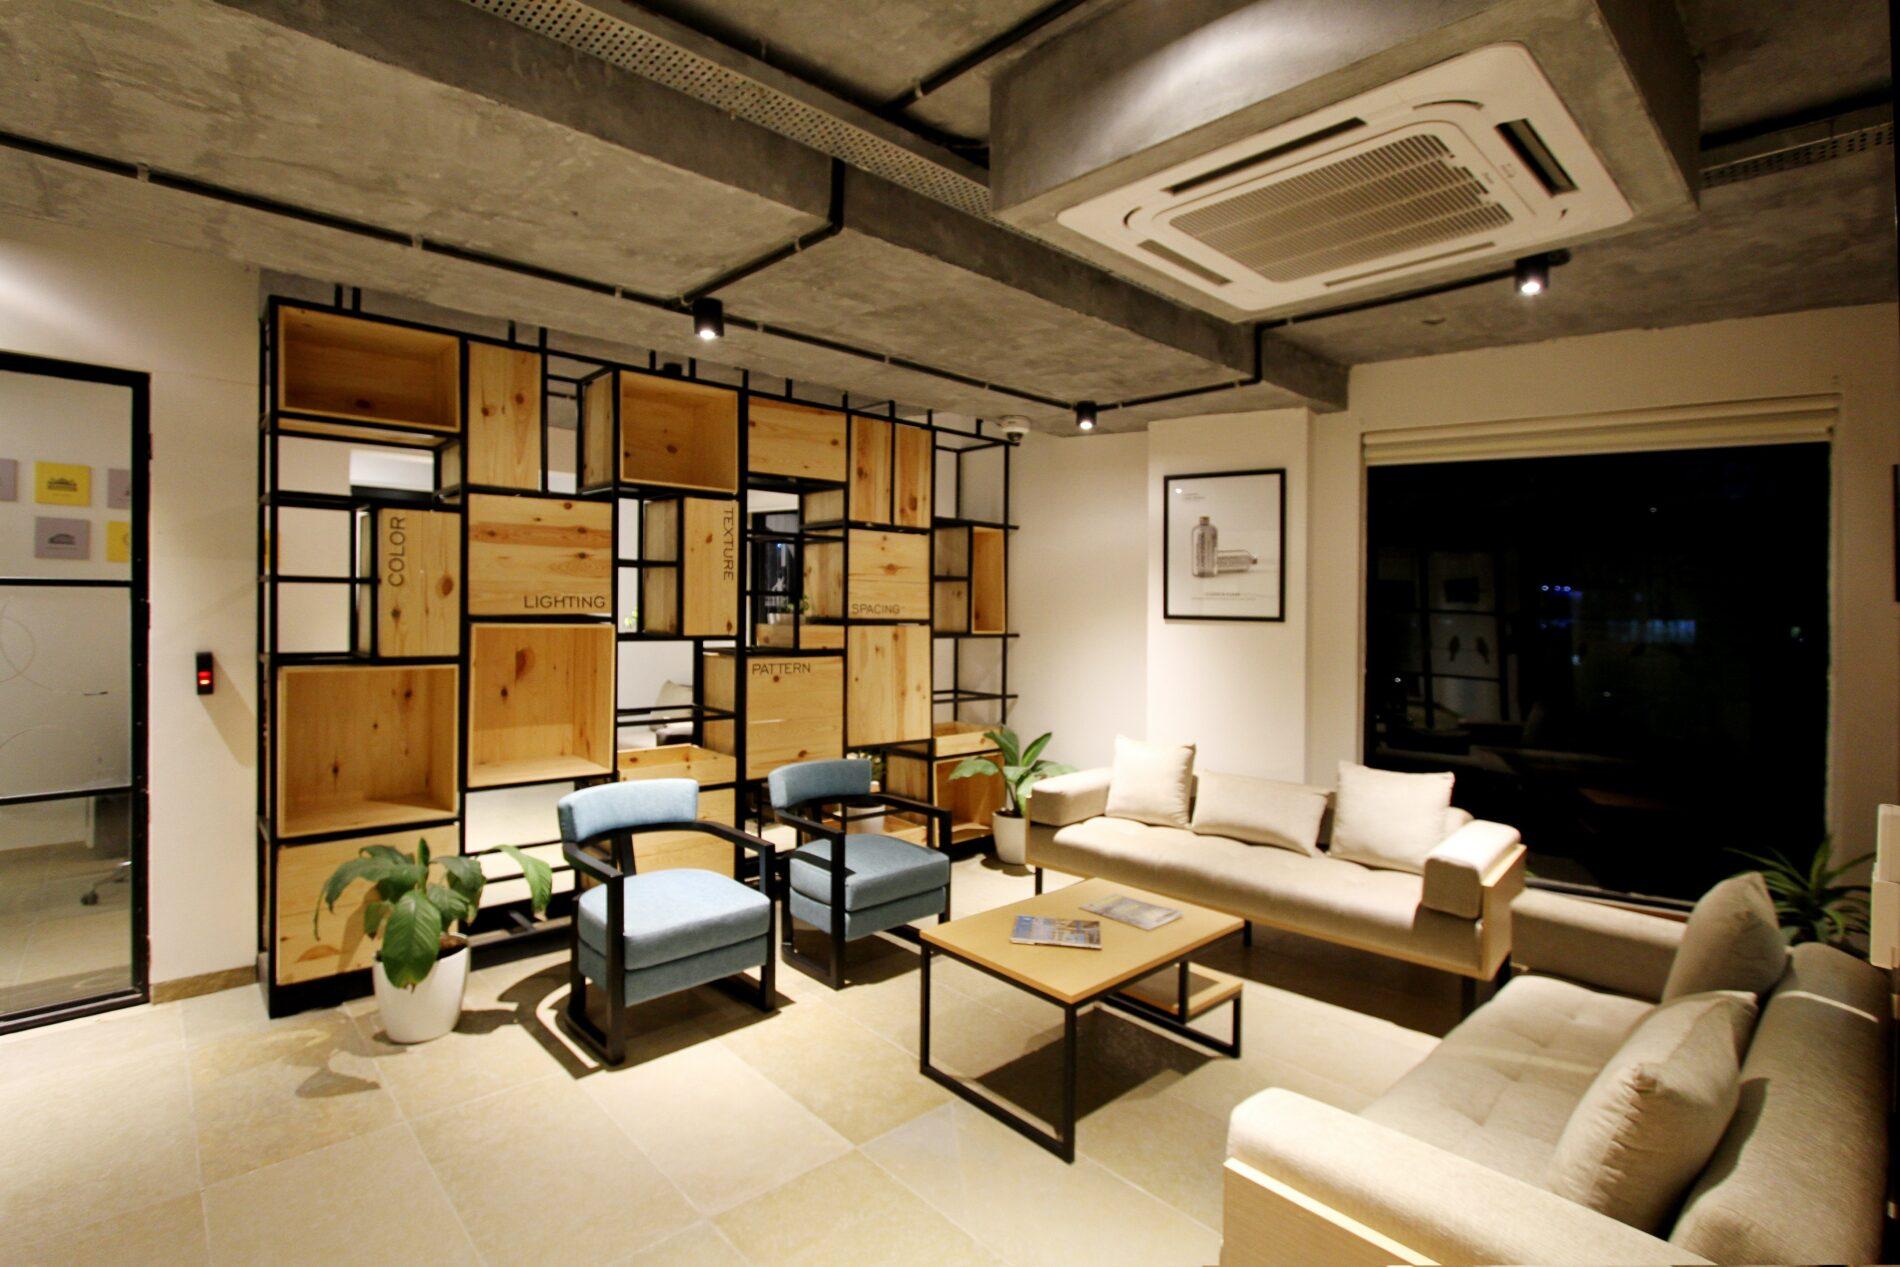 Pronájem bytu v Plzni lze sehnat celkem snadno. Na realitních serverech najdete více než 450 rozmanitých nabídek!